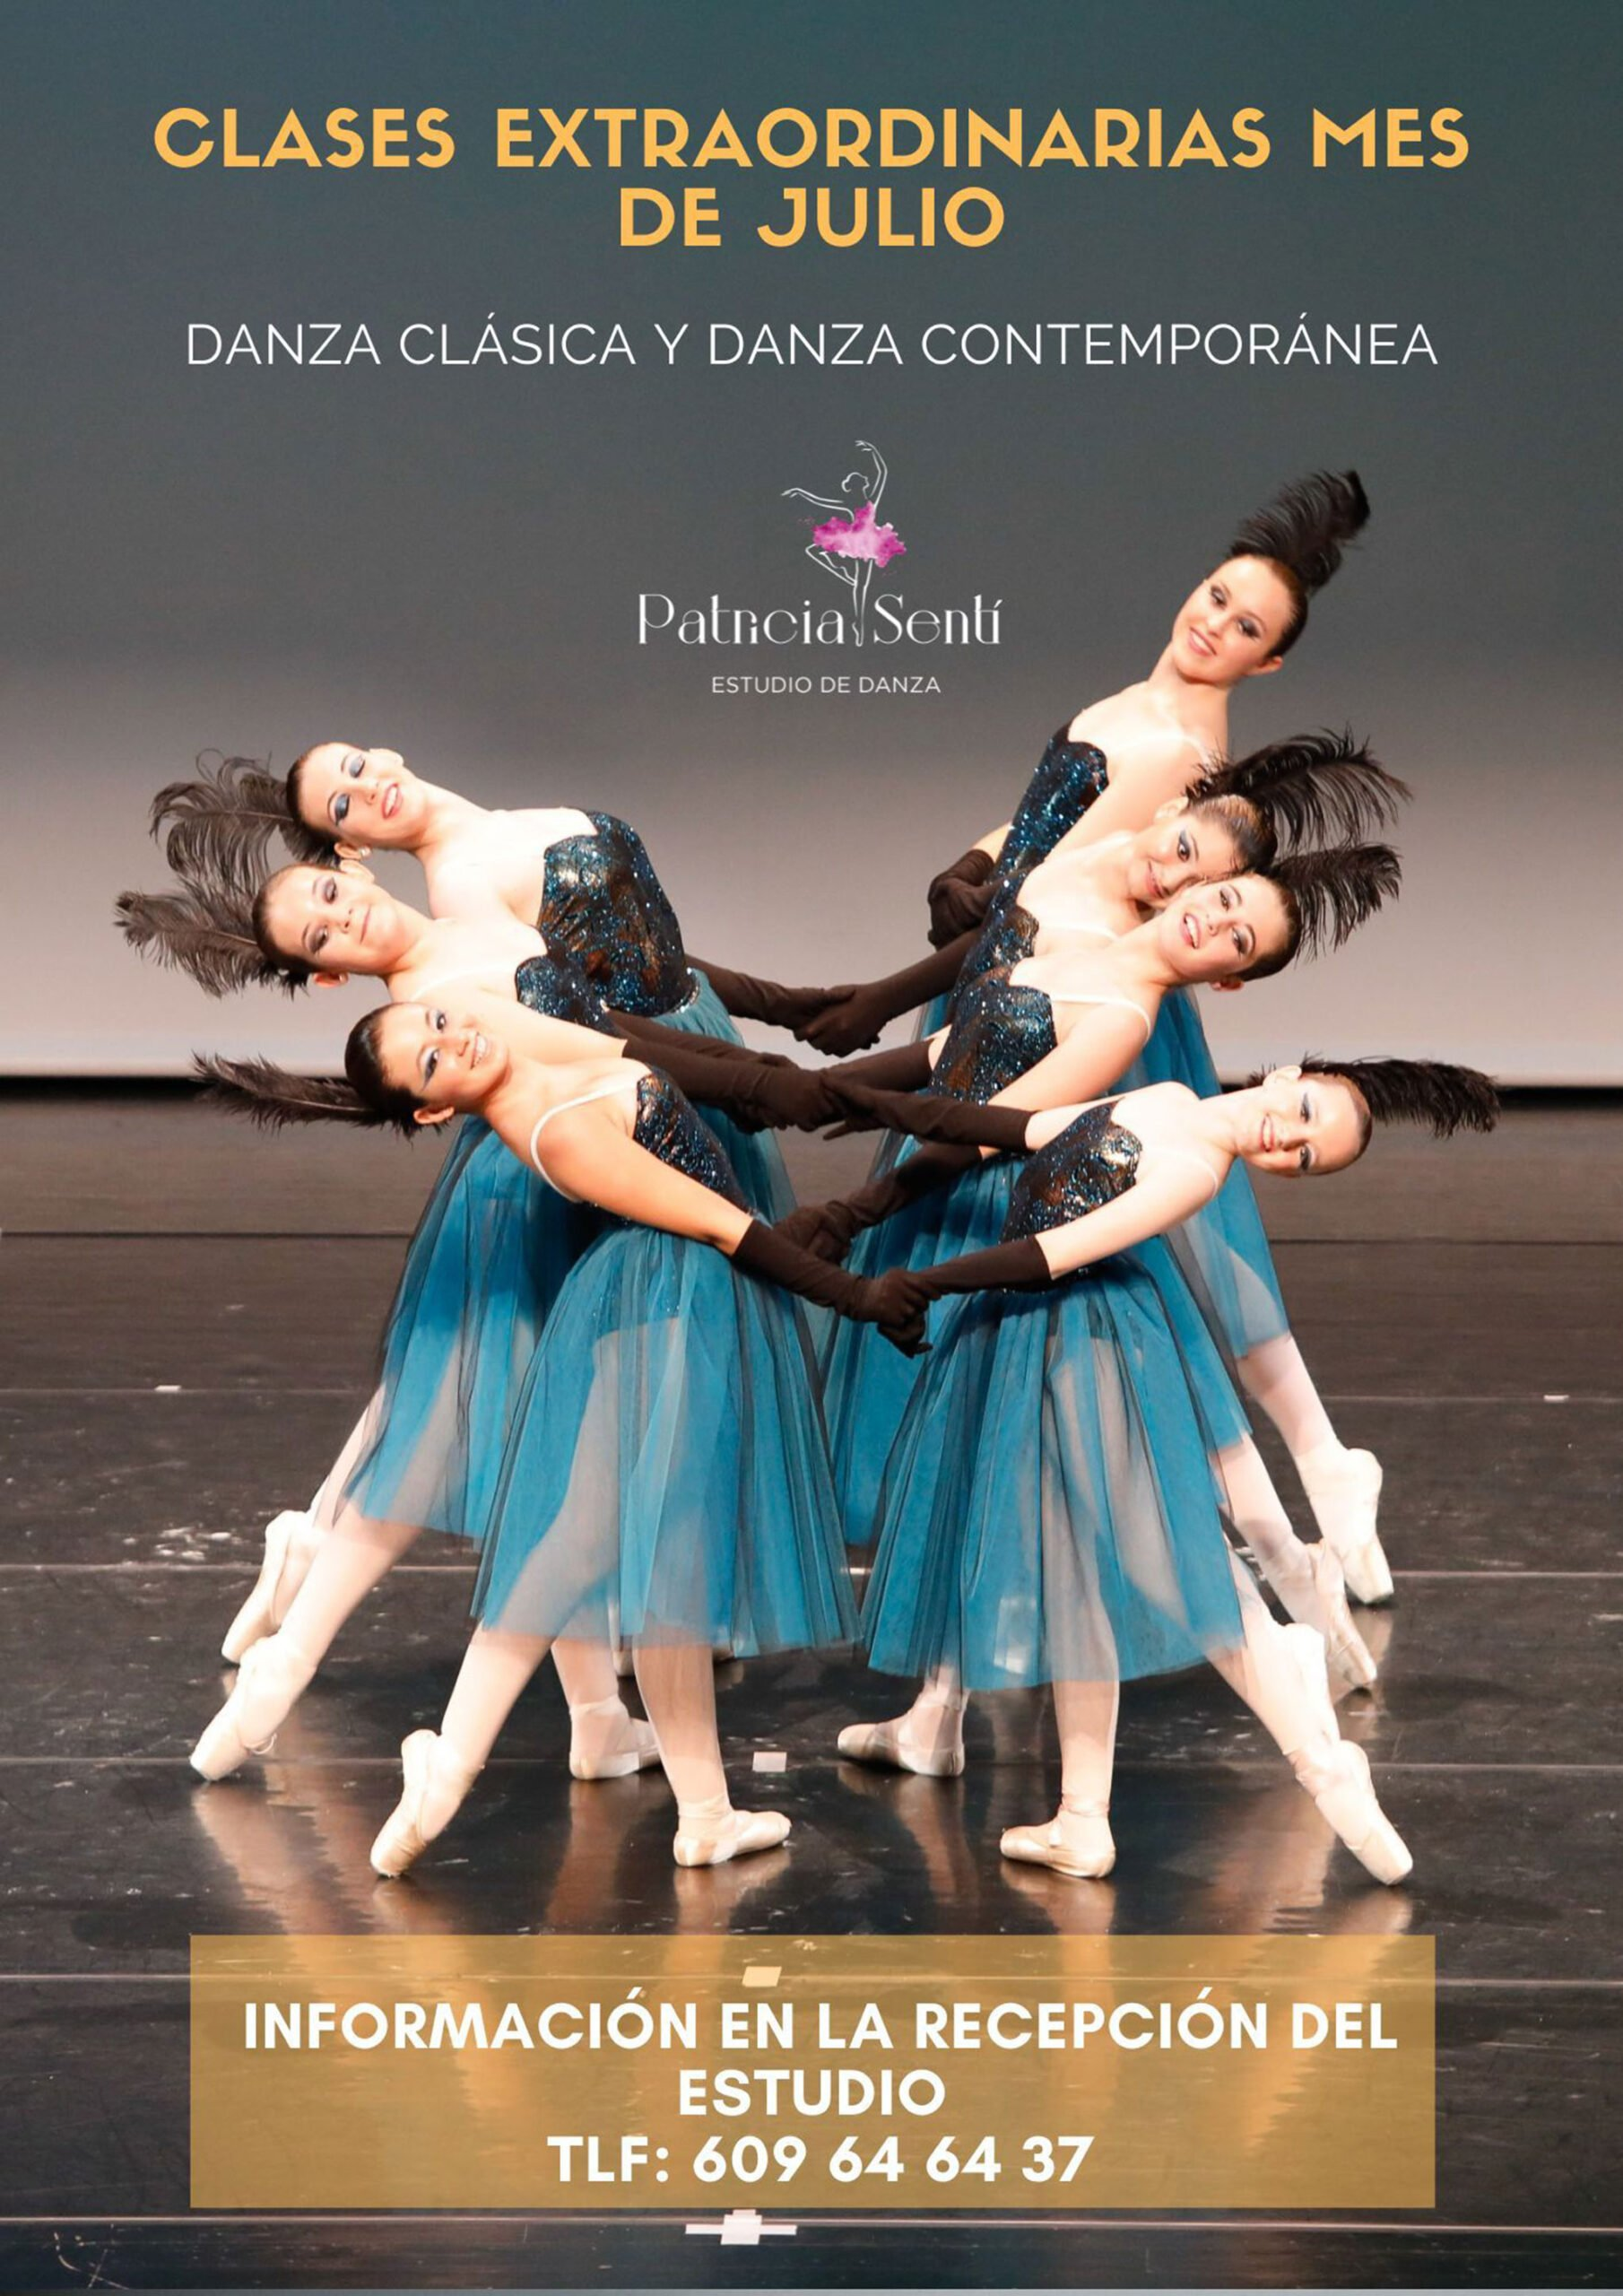 Clases extraordinarias en el mes de julio en Estudio de Danza Patricia Sentí